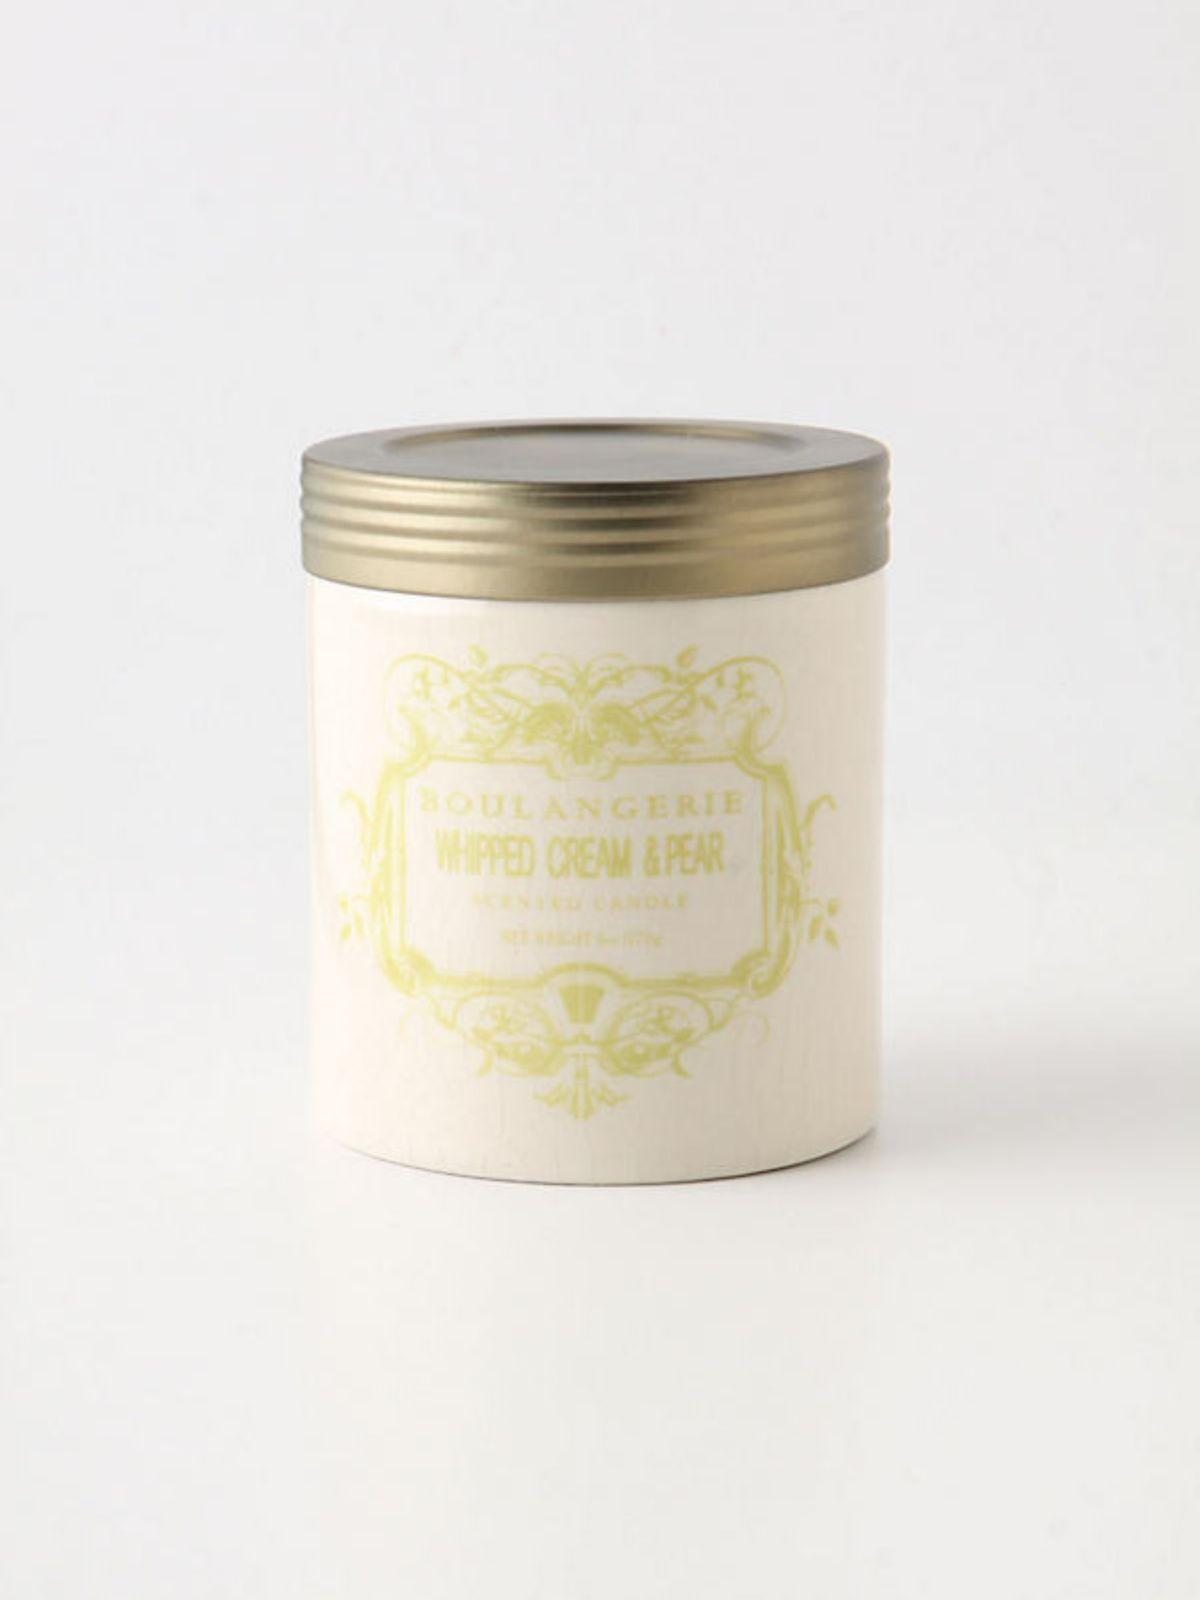 נר ריחני בצנצנת קטנה Whipped Cream & Pearנר ריחני בצנצנת קטנה Whipped Cream & Pear של ANTHROPOLOGIE